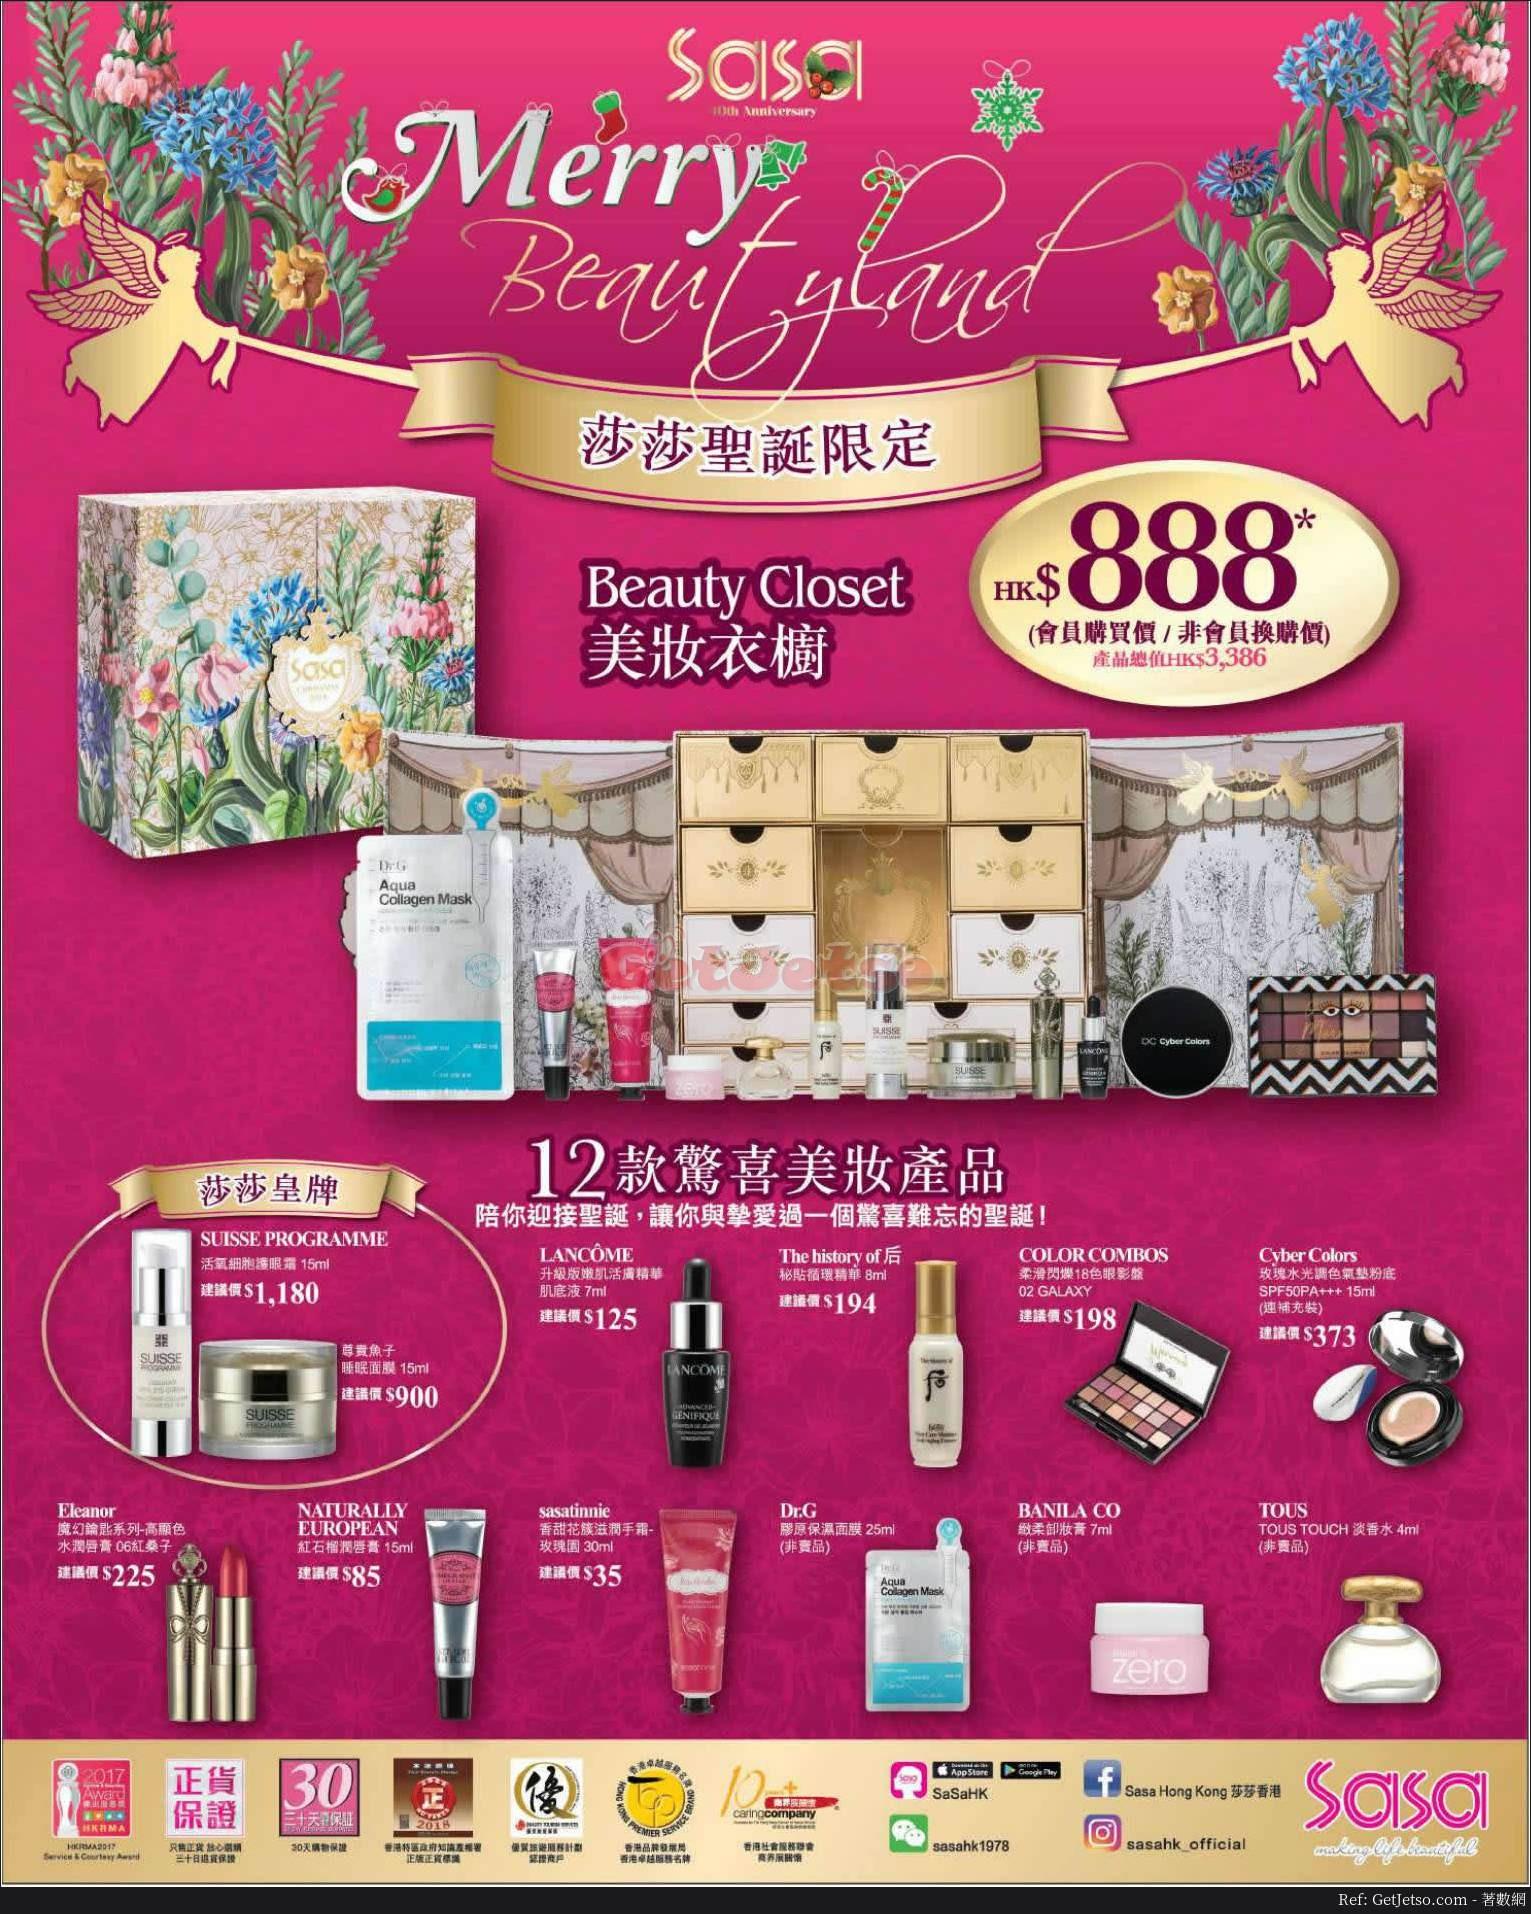 莎莎最新店内购物优惠(11月9日更新)图片3